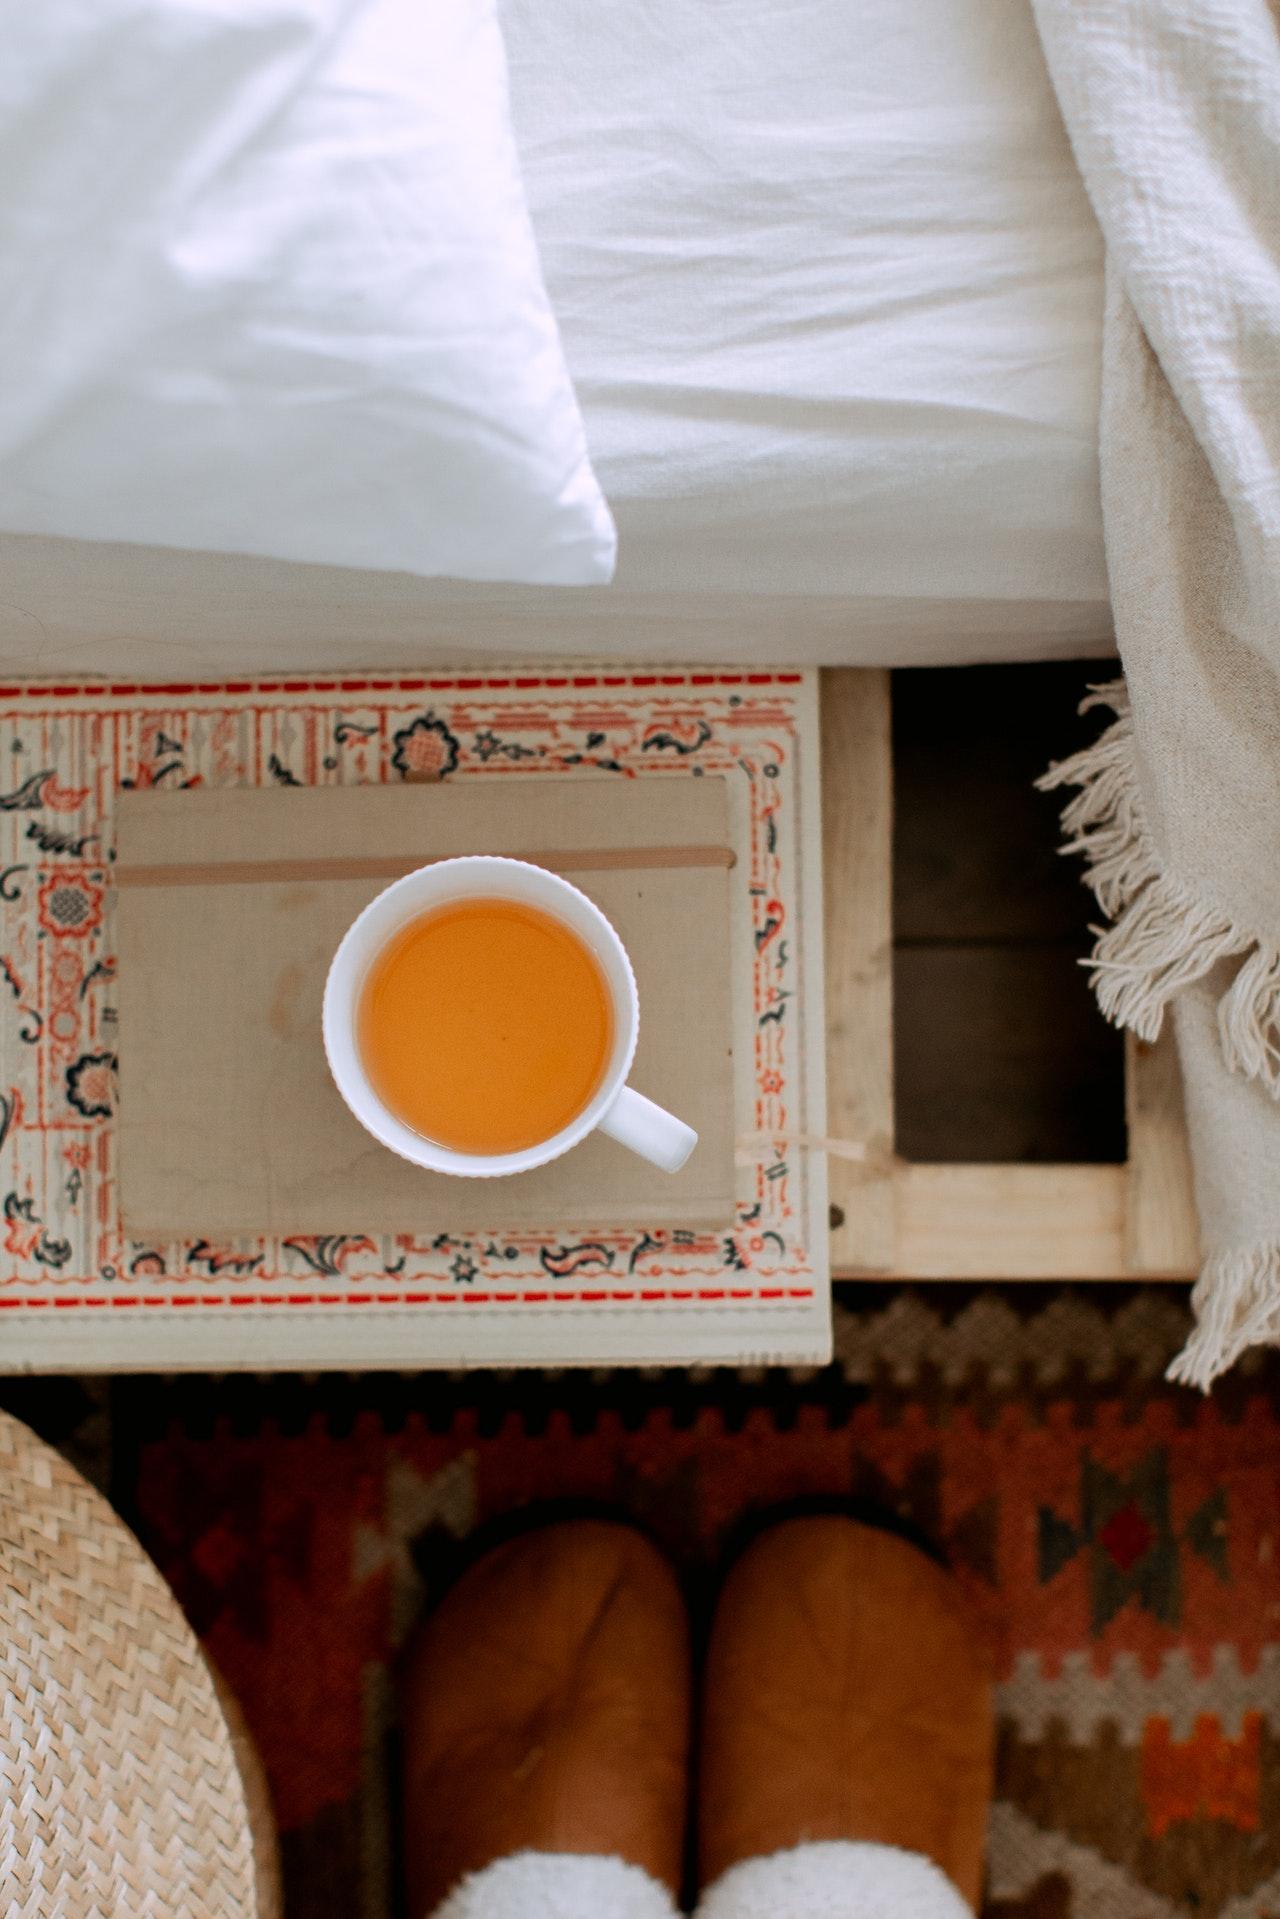 le thé de chanvre CBD 3